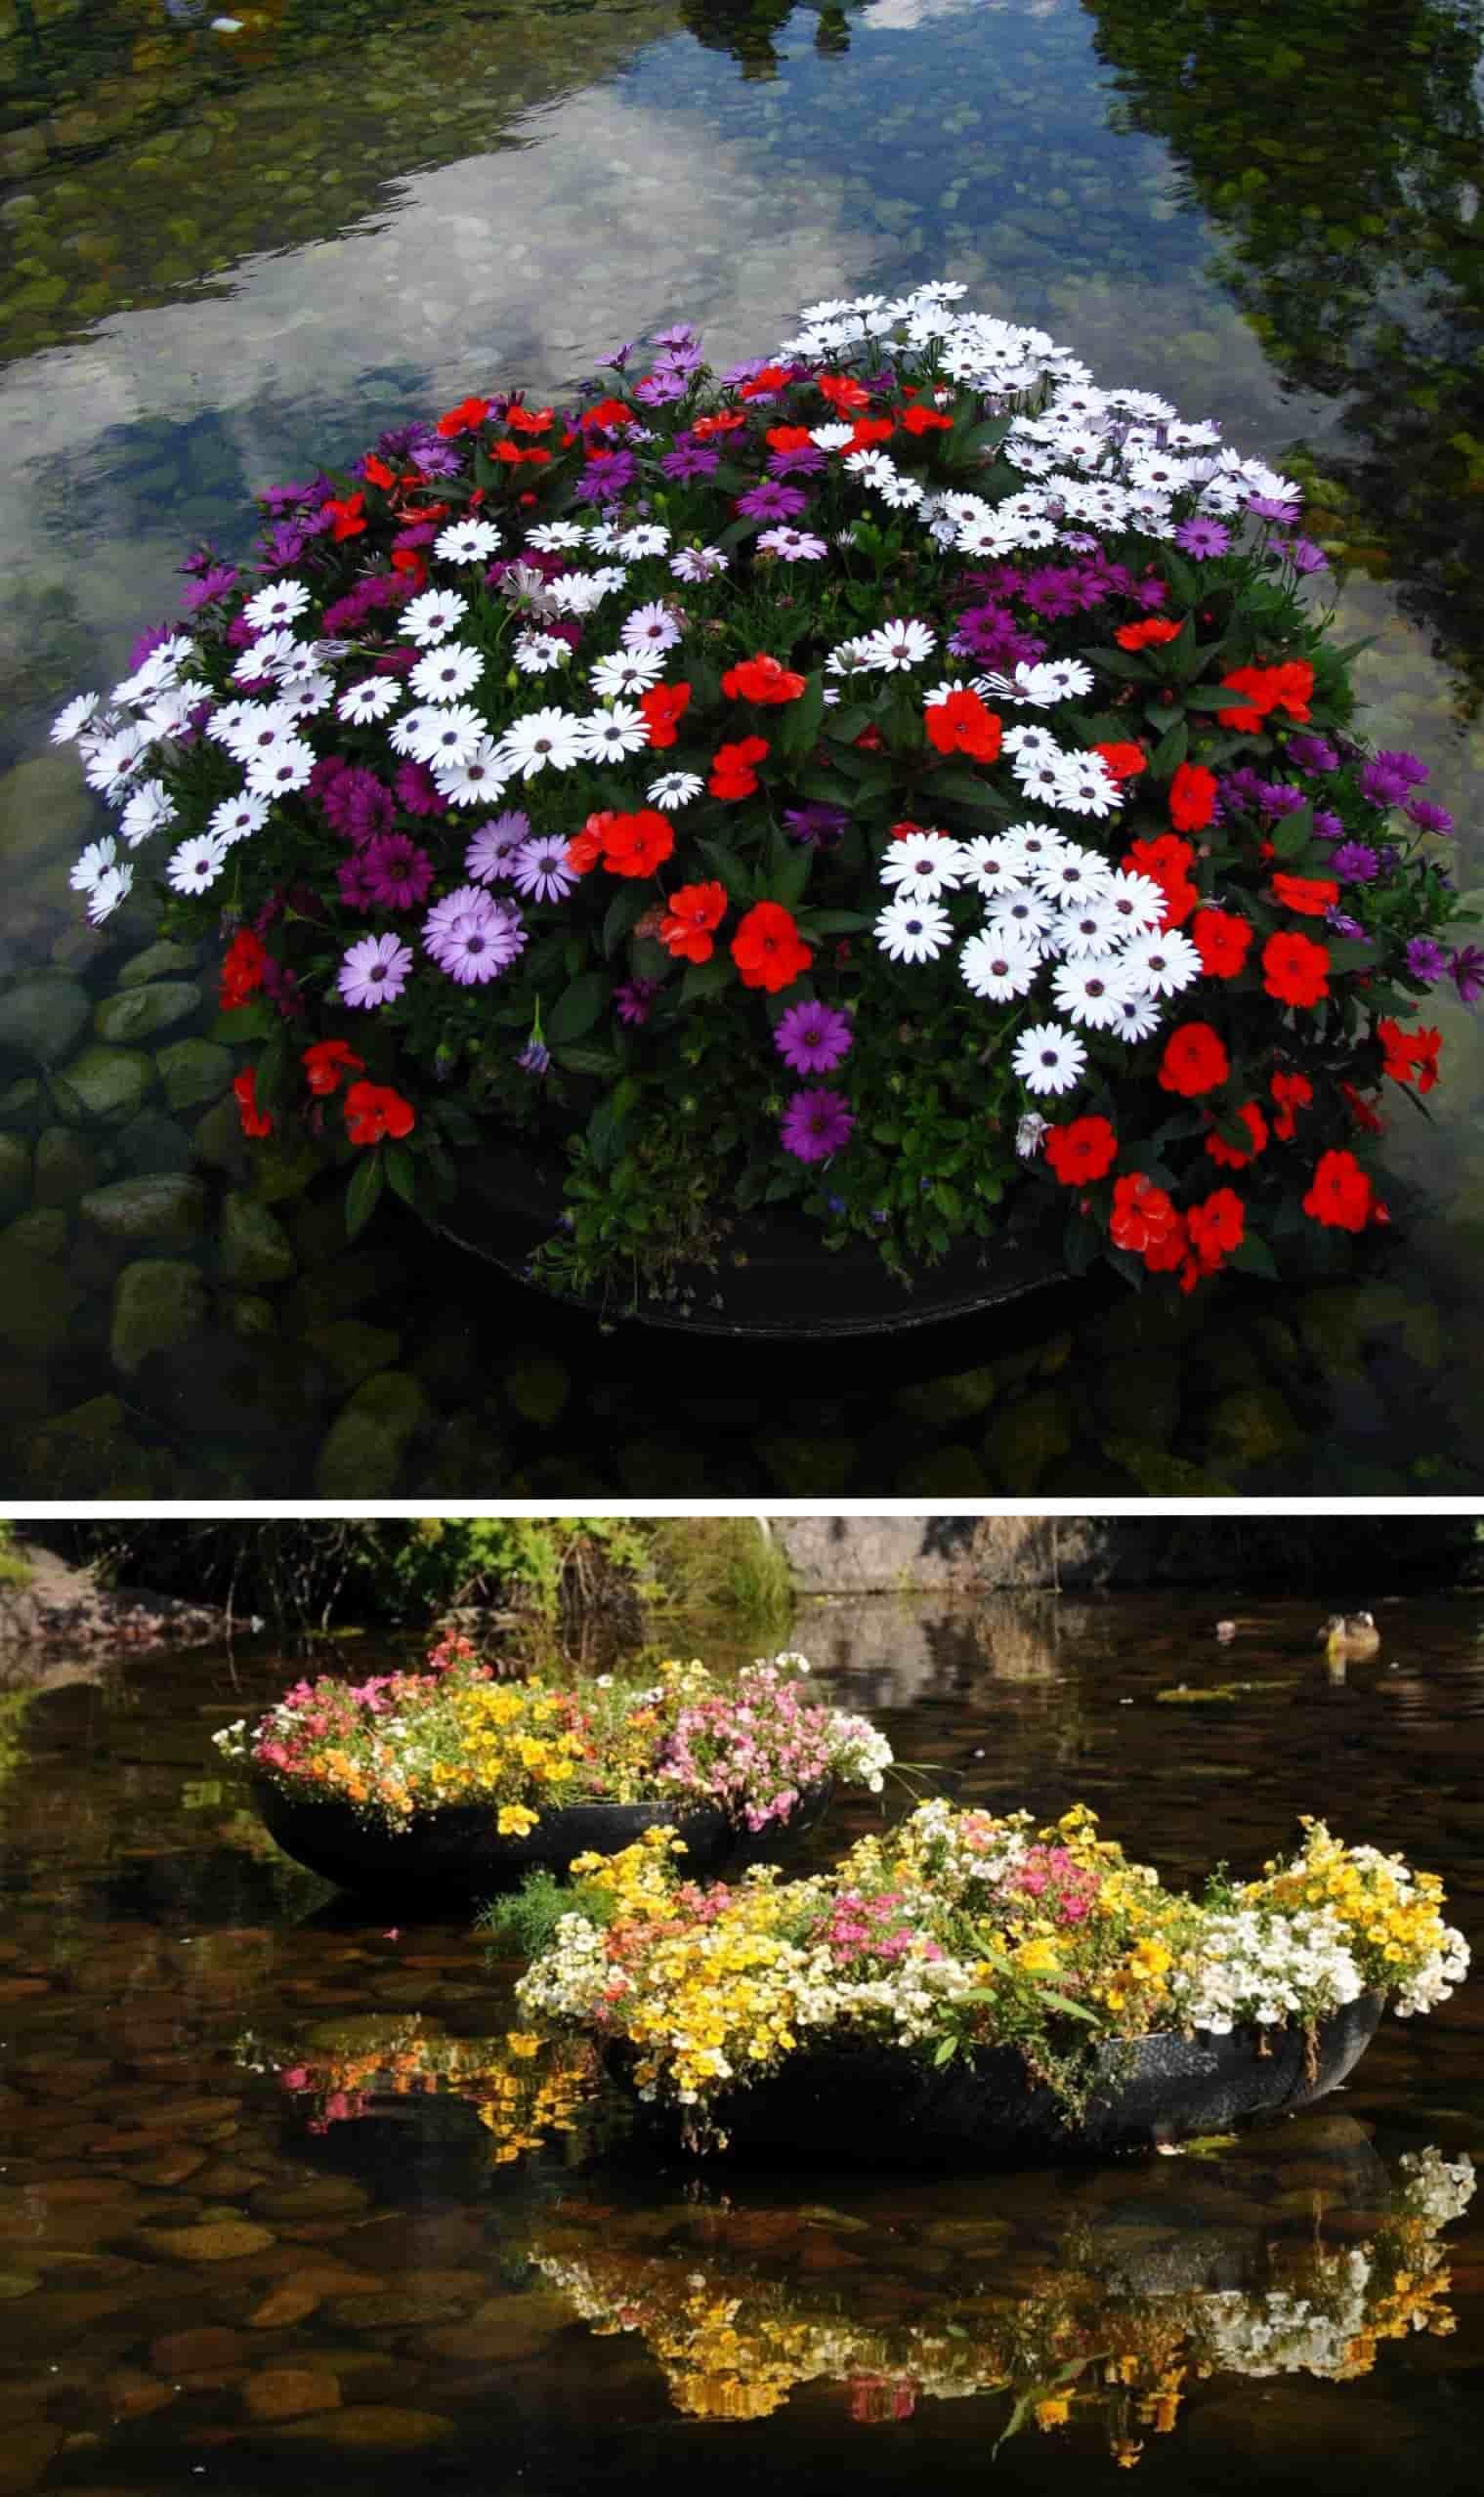 Цветник на воде - это оригинально и красиво